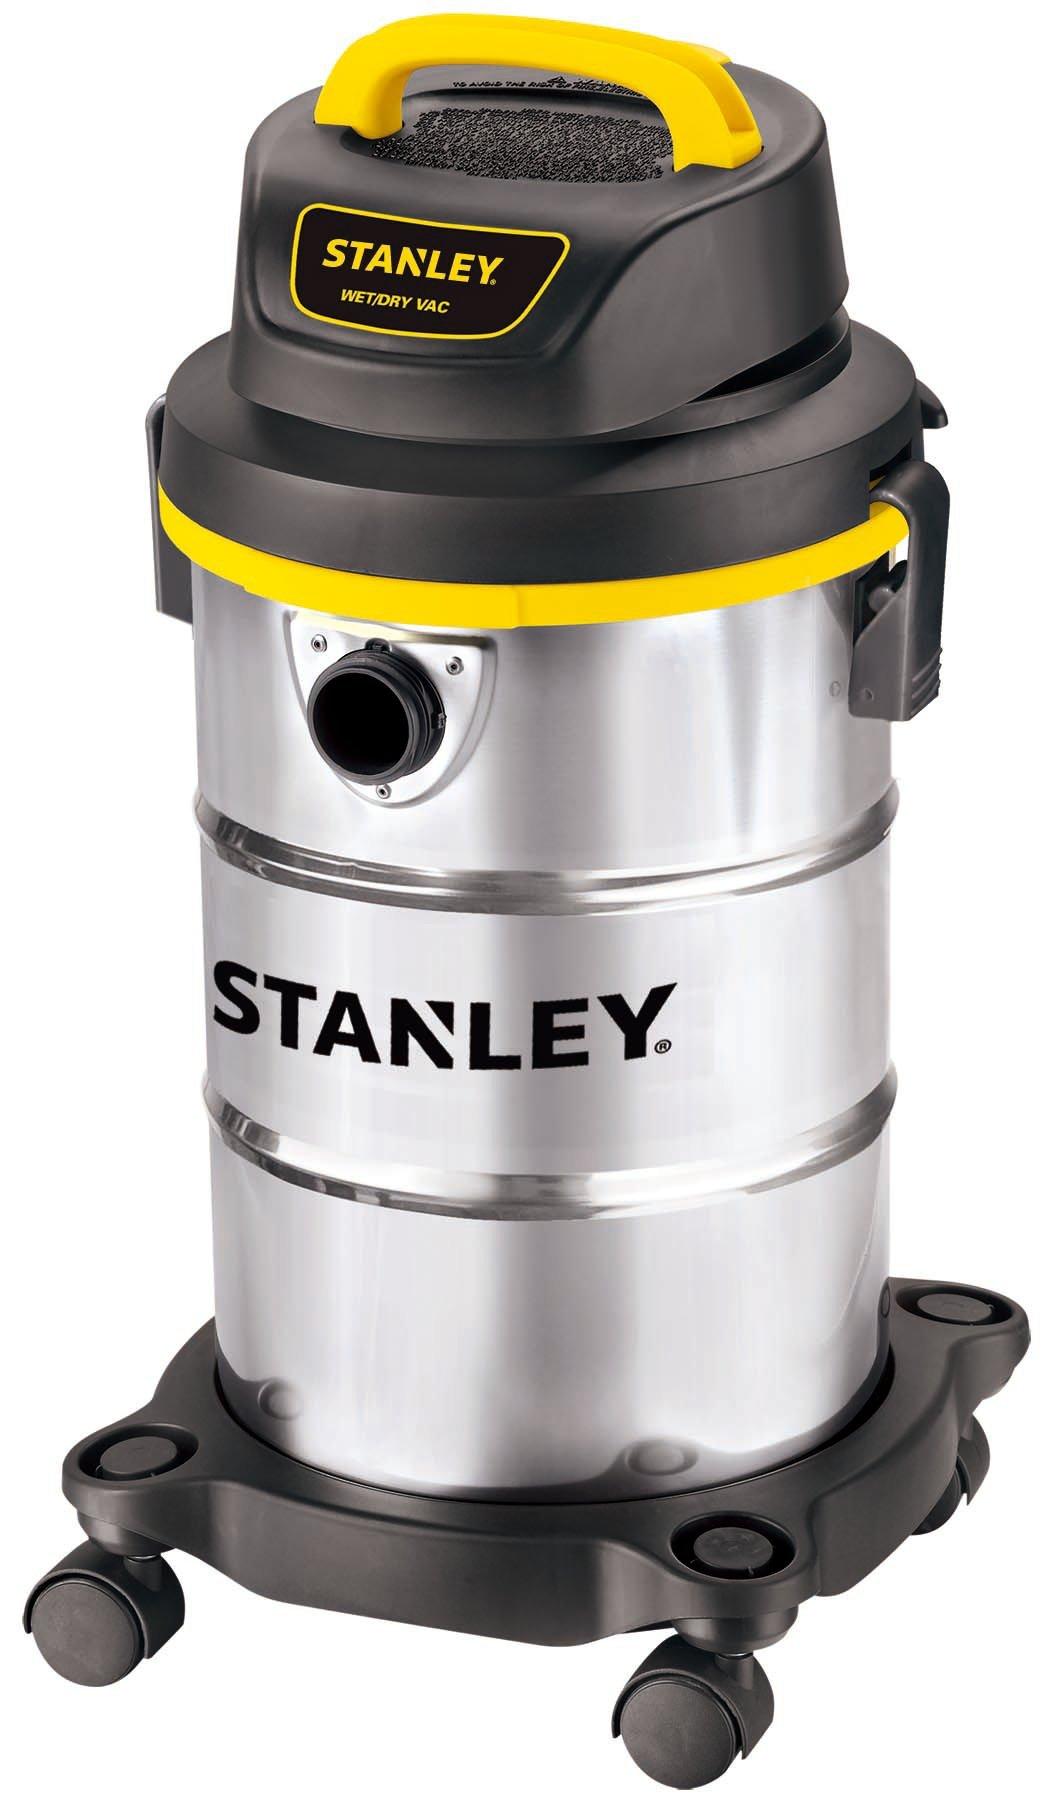 Stanley Wet/Dry Vacuum, 5 Gallon, 4 Horsepower, Stainless Steel Tank